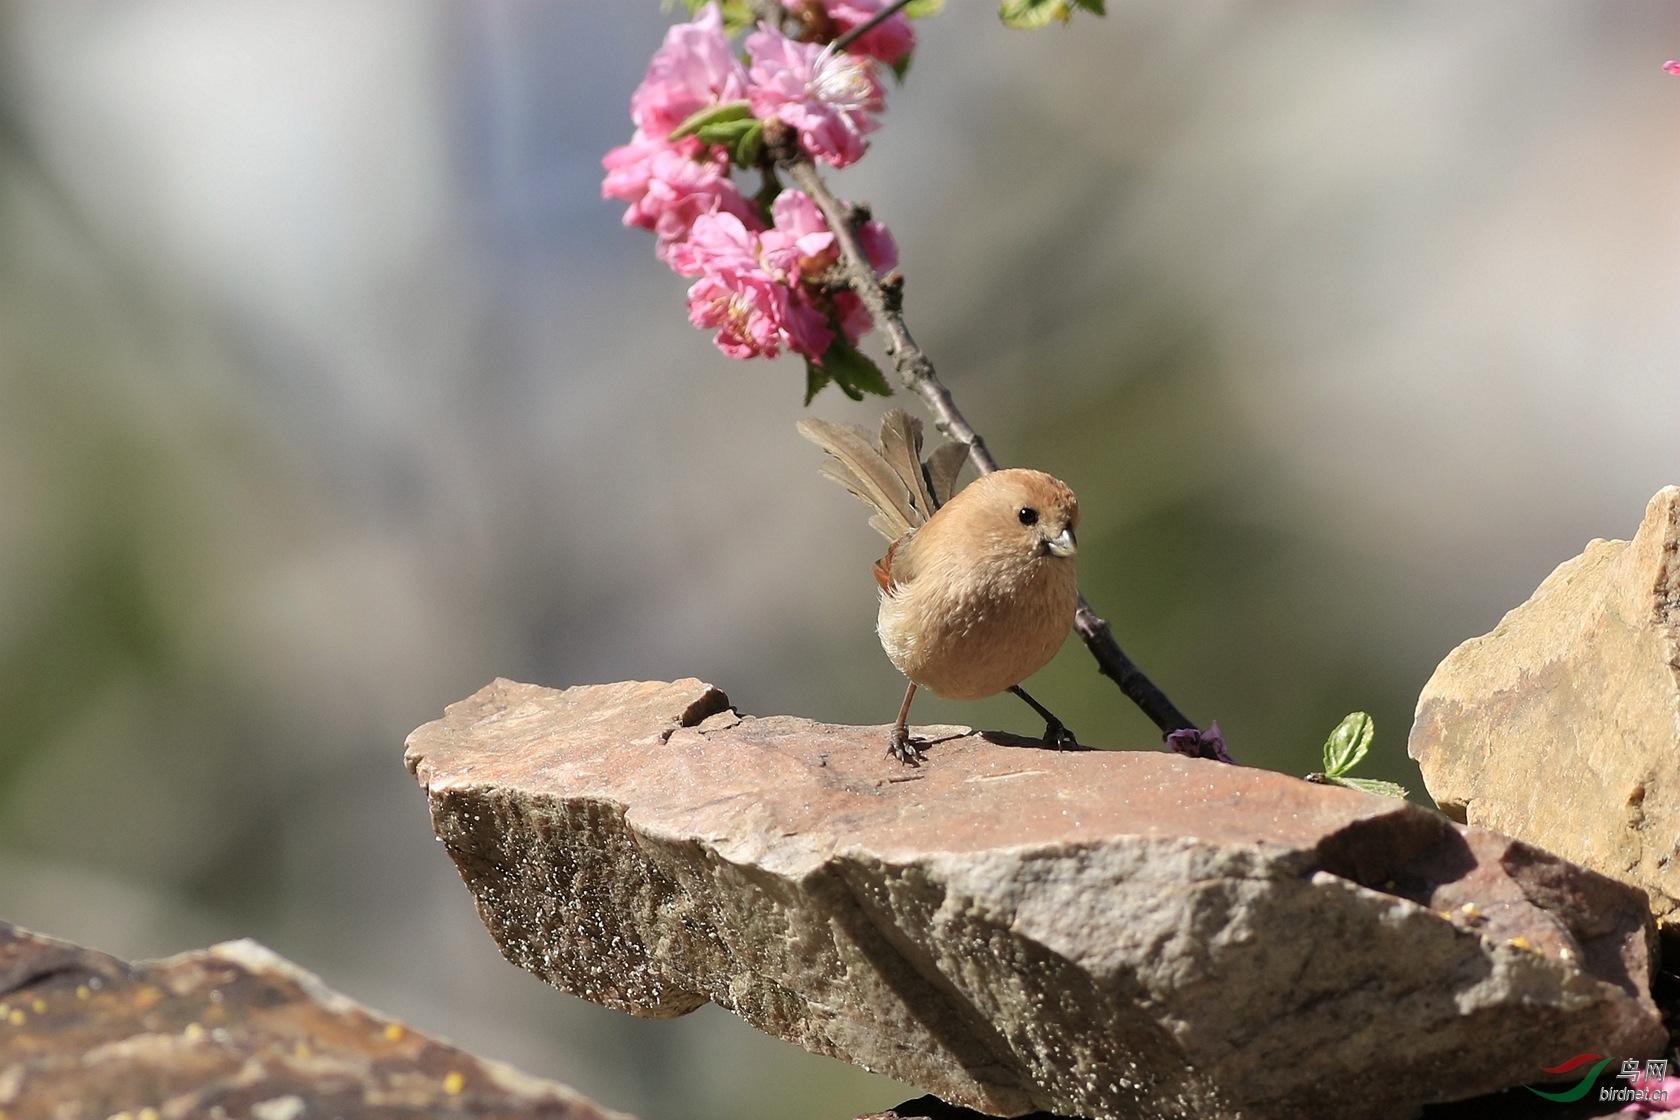 春光里的棕头鸦雀之一